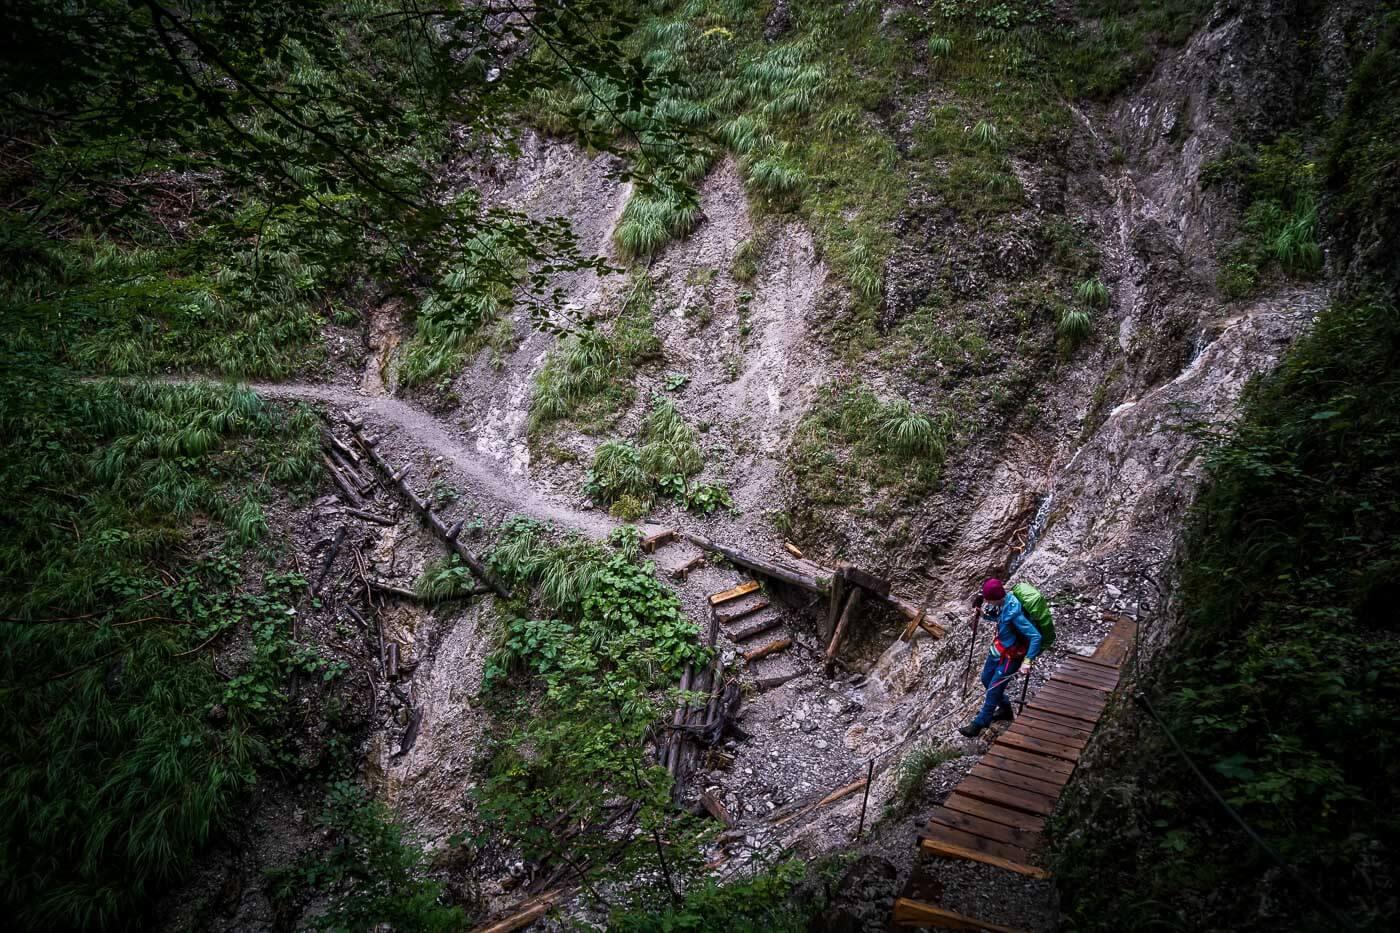 Bettlersteig Trail, Emperor's Crown, Kaiserkrone Trail, Wilder Kaiser, Austria